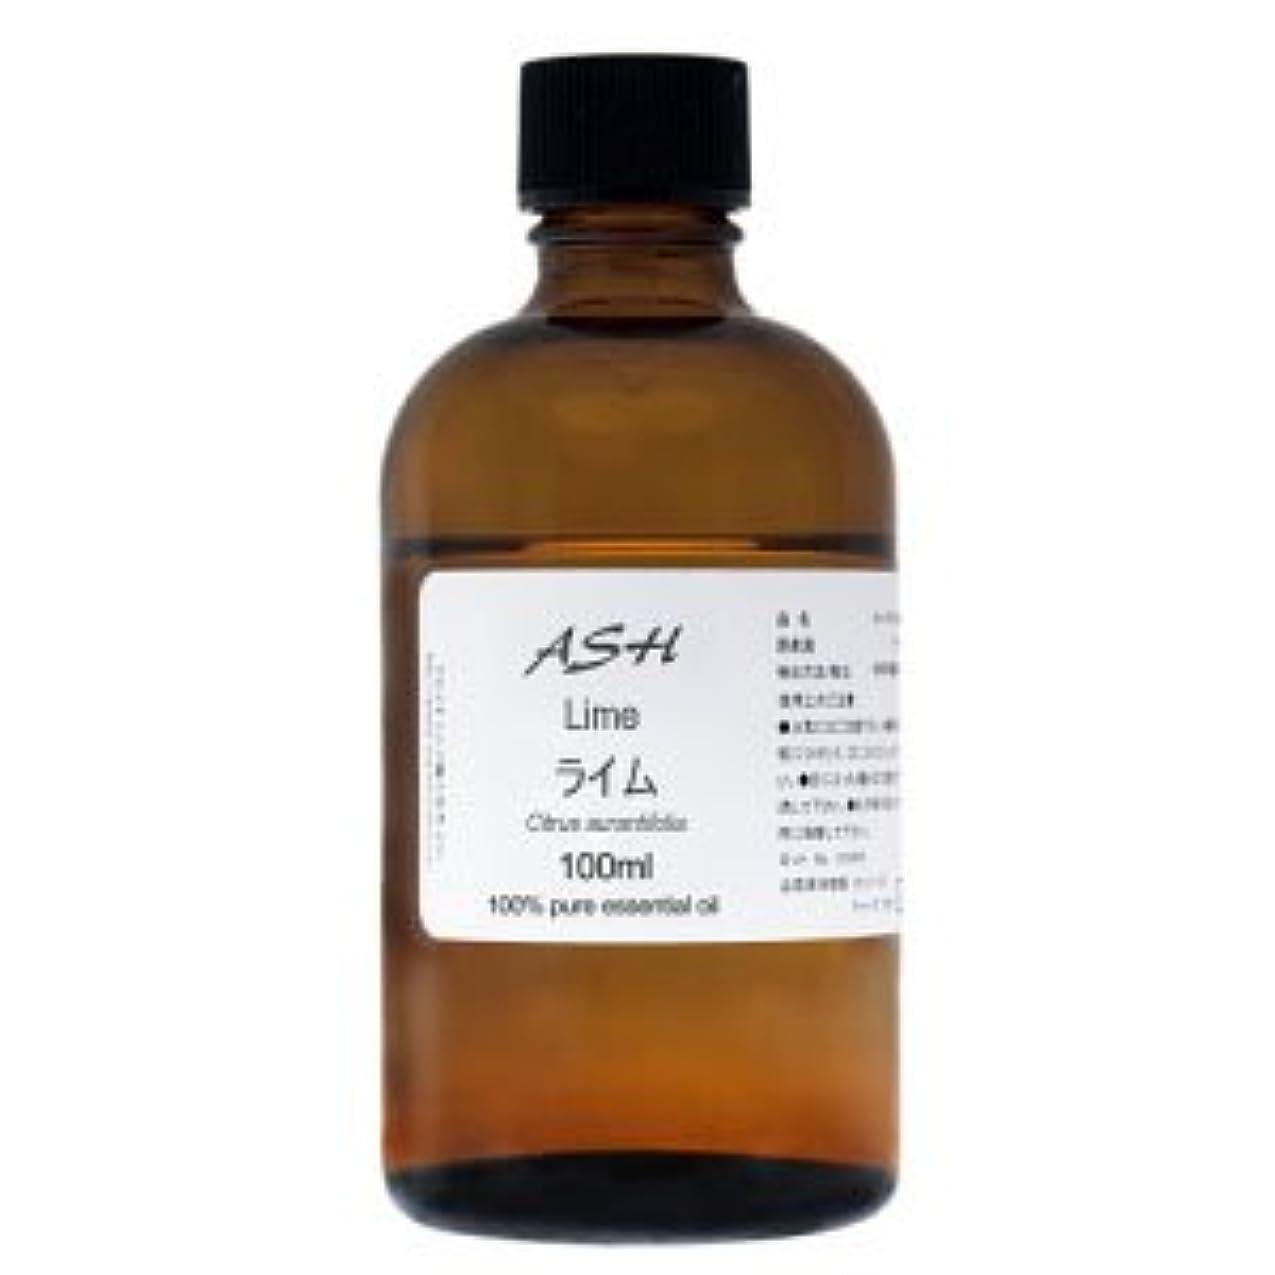 喉頭スリーブ怪物ASH ライム エッセンシャルオイル 100ml AEAJ表示基準適合認定精油